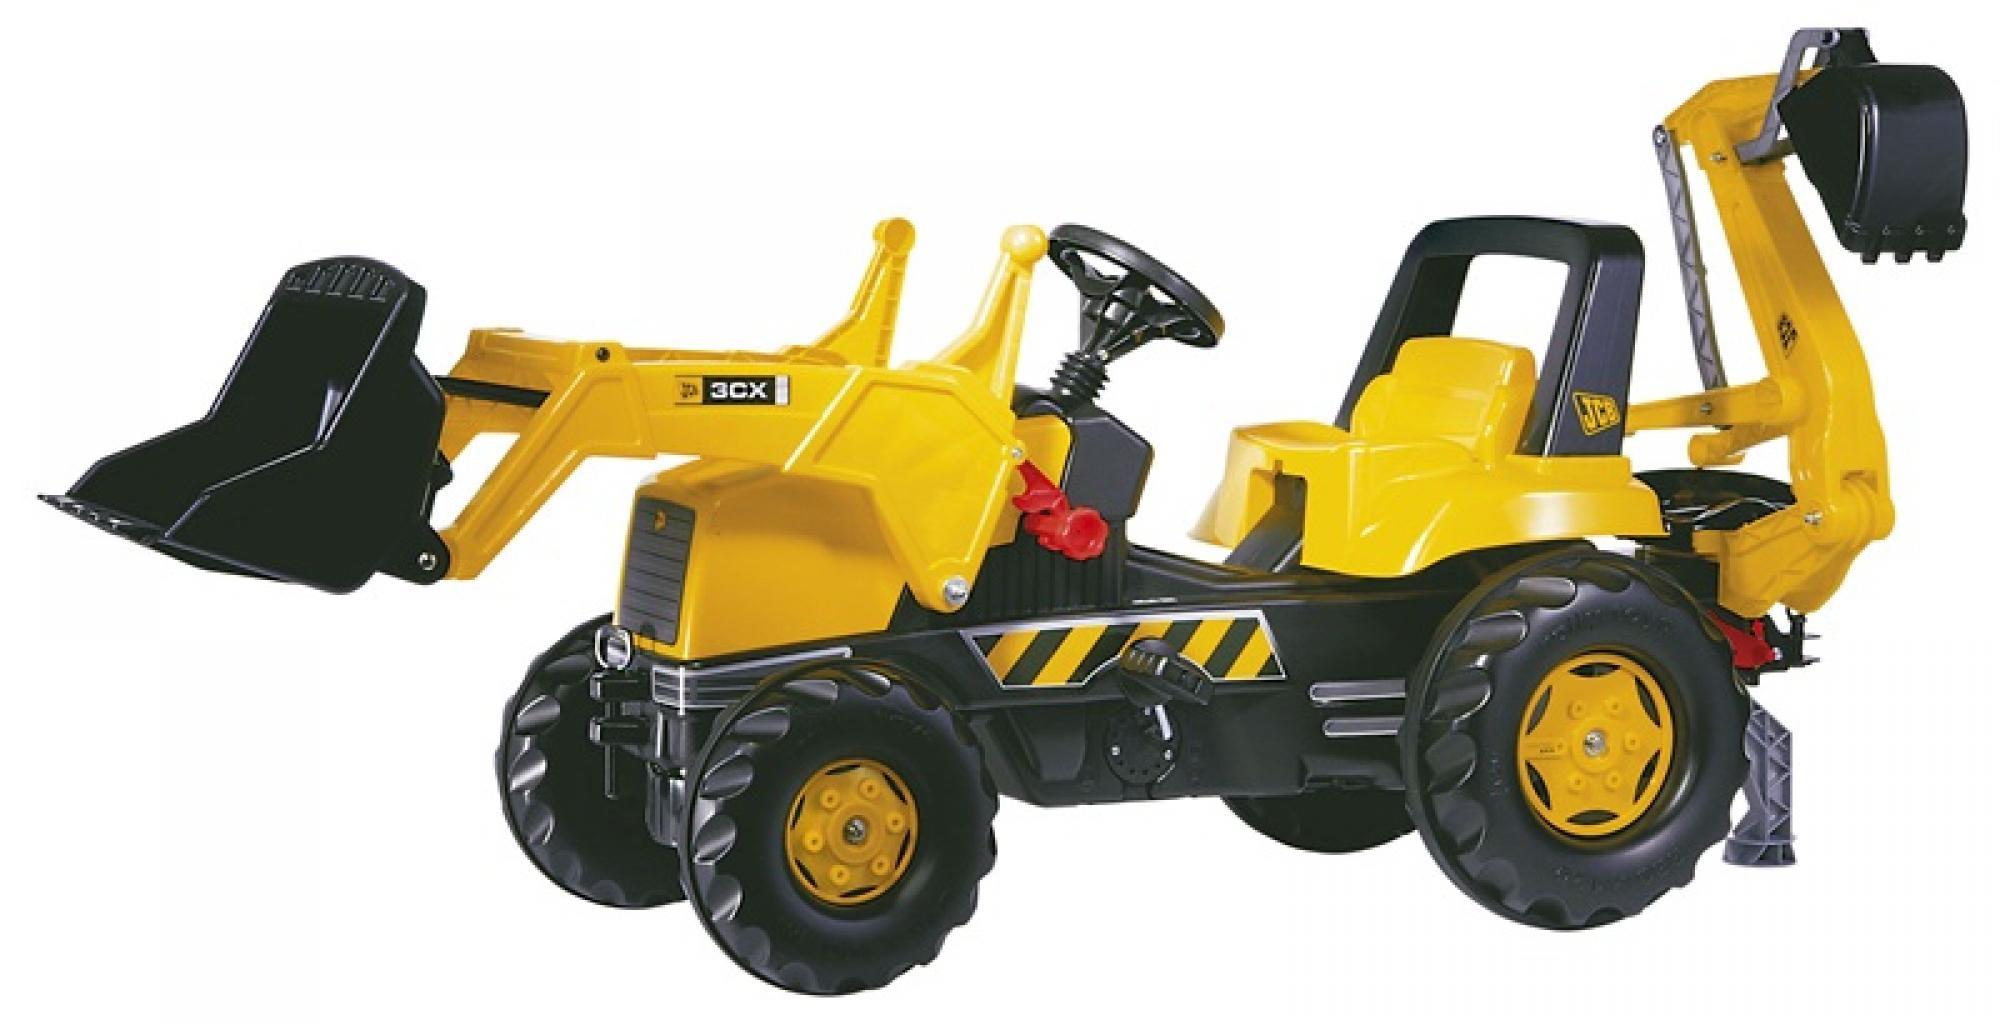 Rolly JCB 3CX Front Loader and Backhoe Excavator